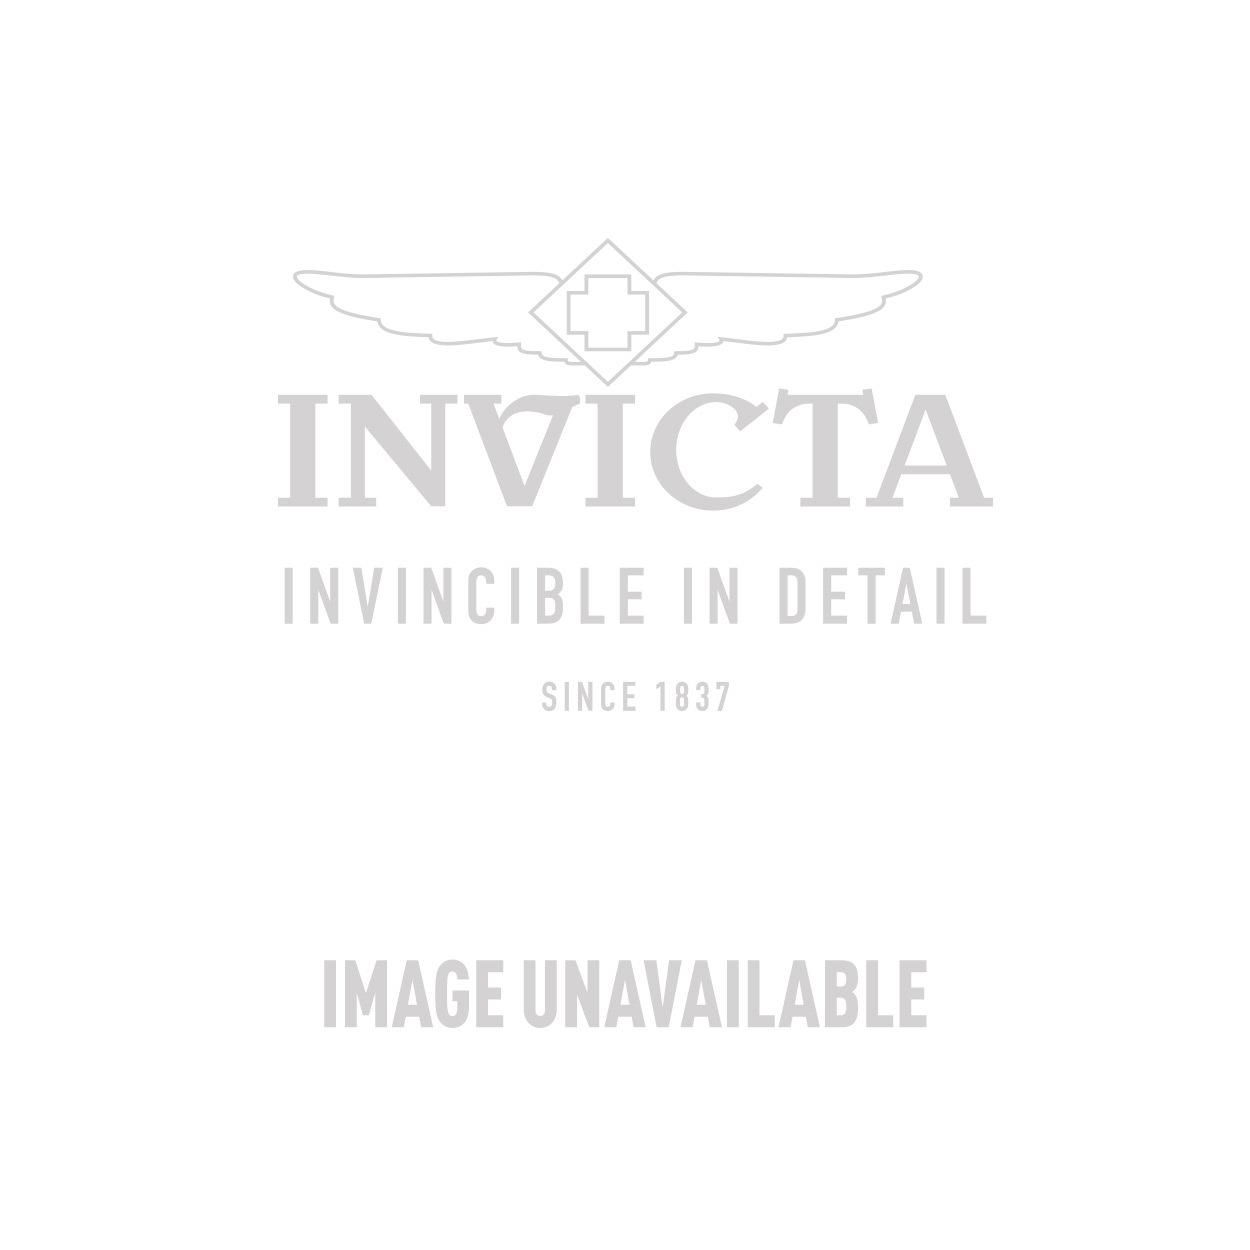 Invicta Model 24780